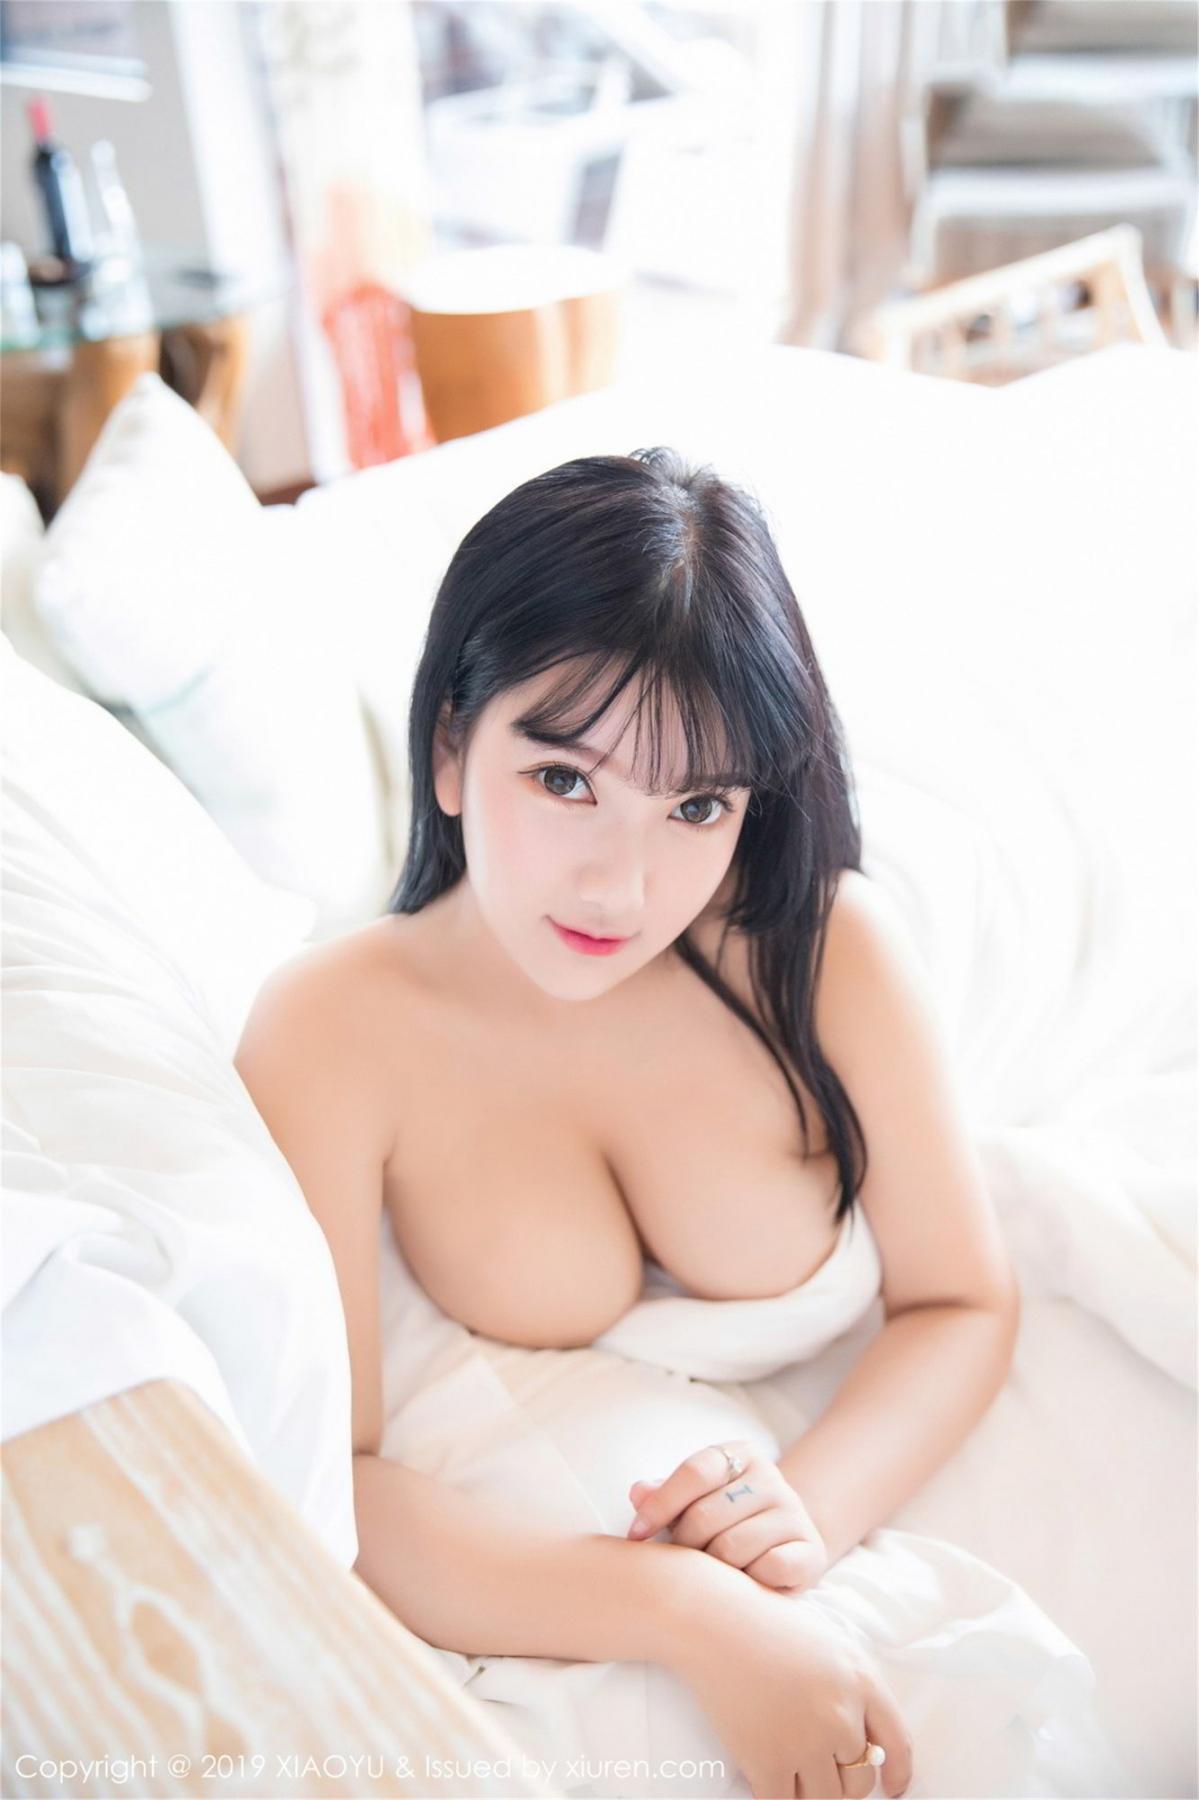 [XiaoYu] Vol.070 Lu Lu Xiao Miao 13P, Baby Face Big Boobs, Lovely, Lu Lu Xiao Miao, XiaoYu